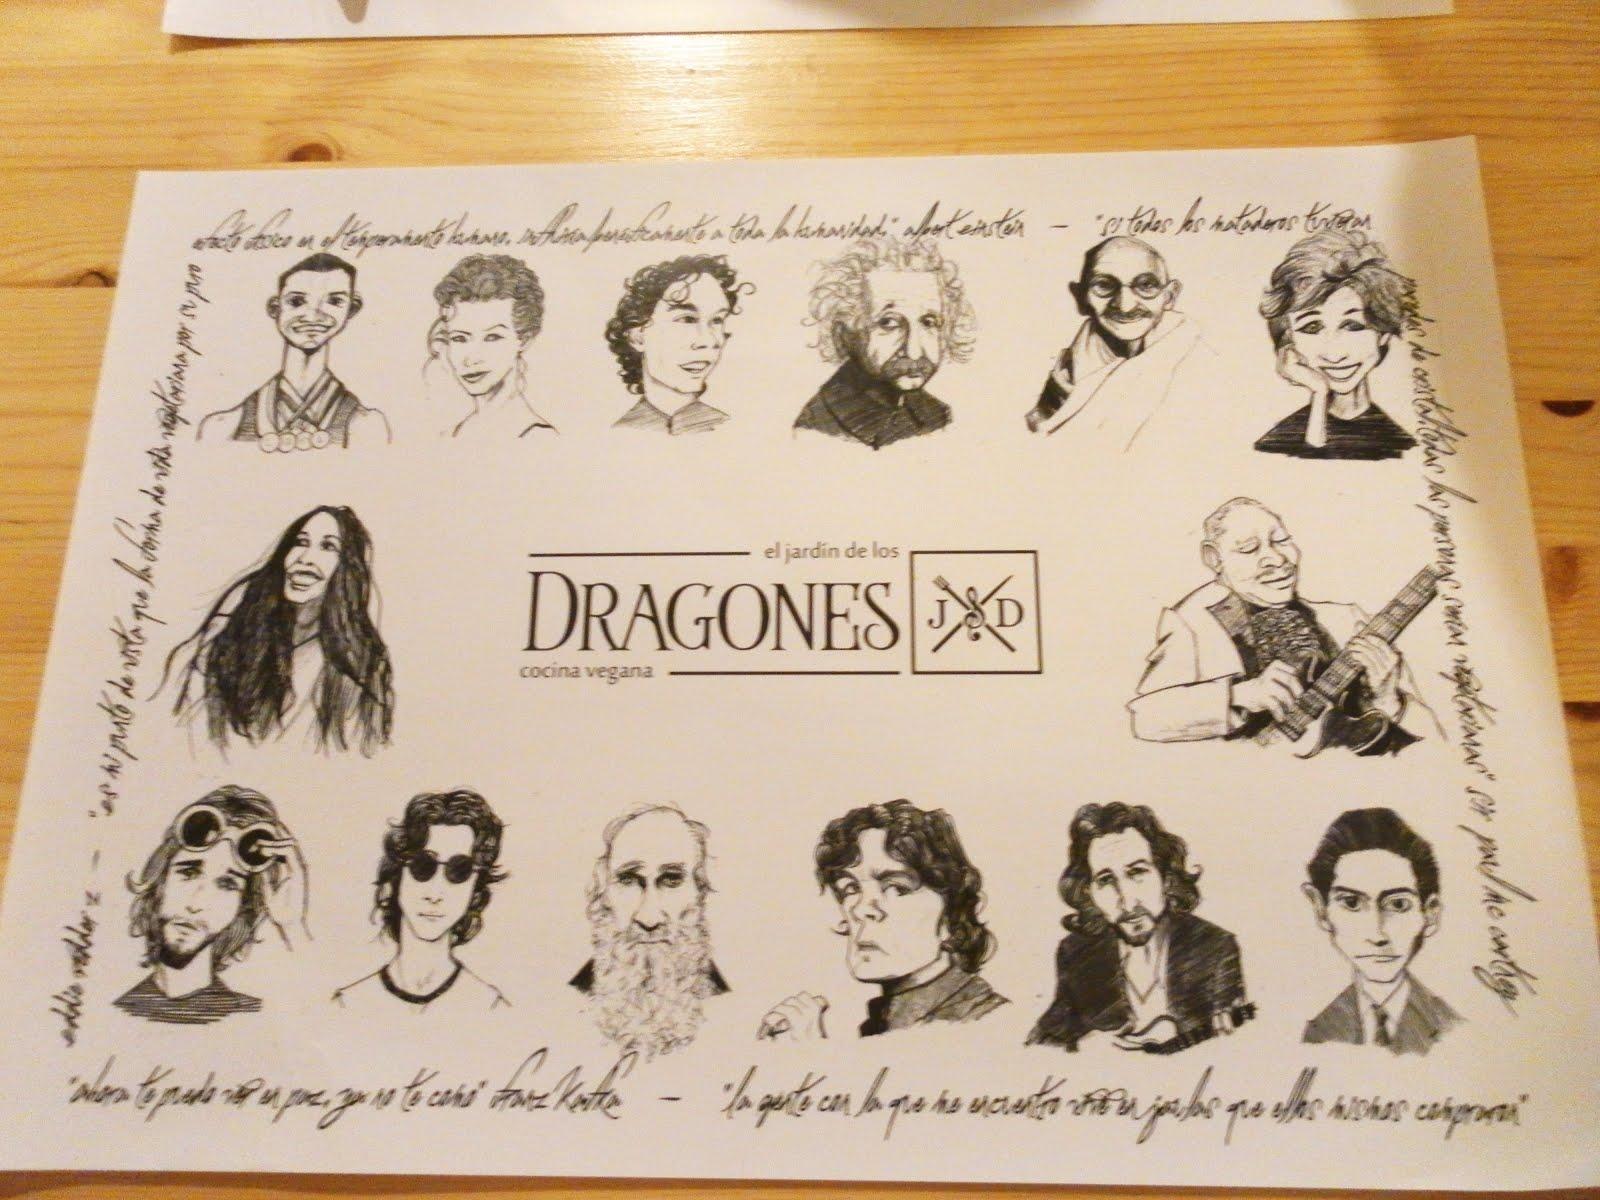 De veganeo el jard n de los dragones for El jardin de los dragones